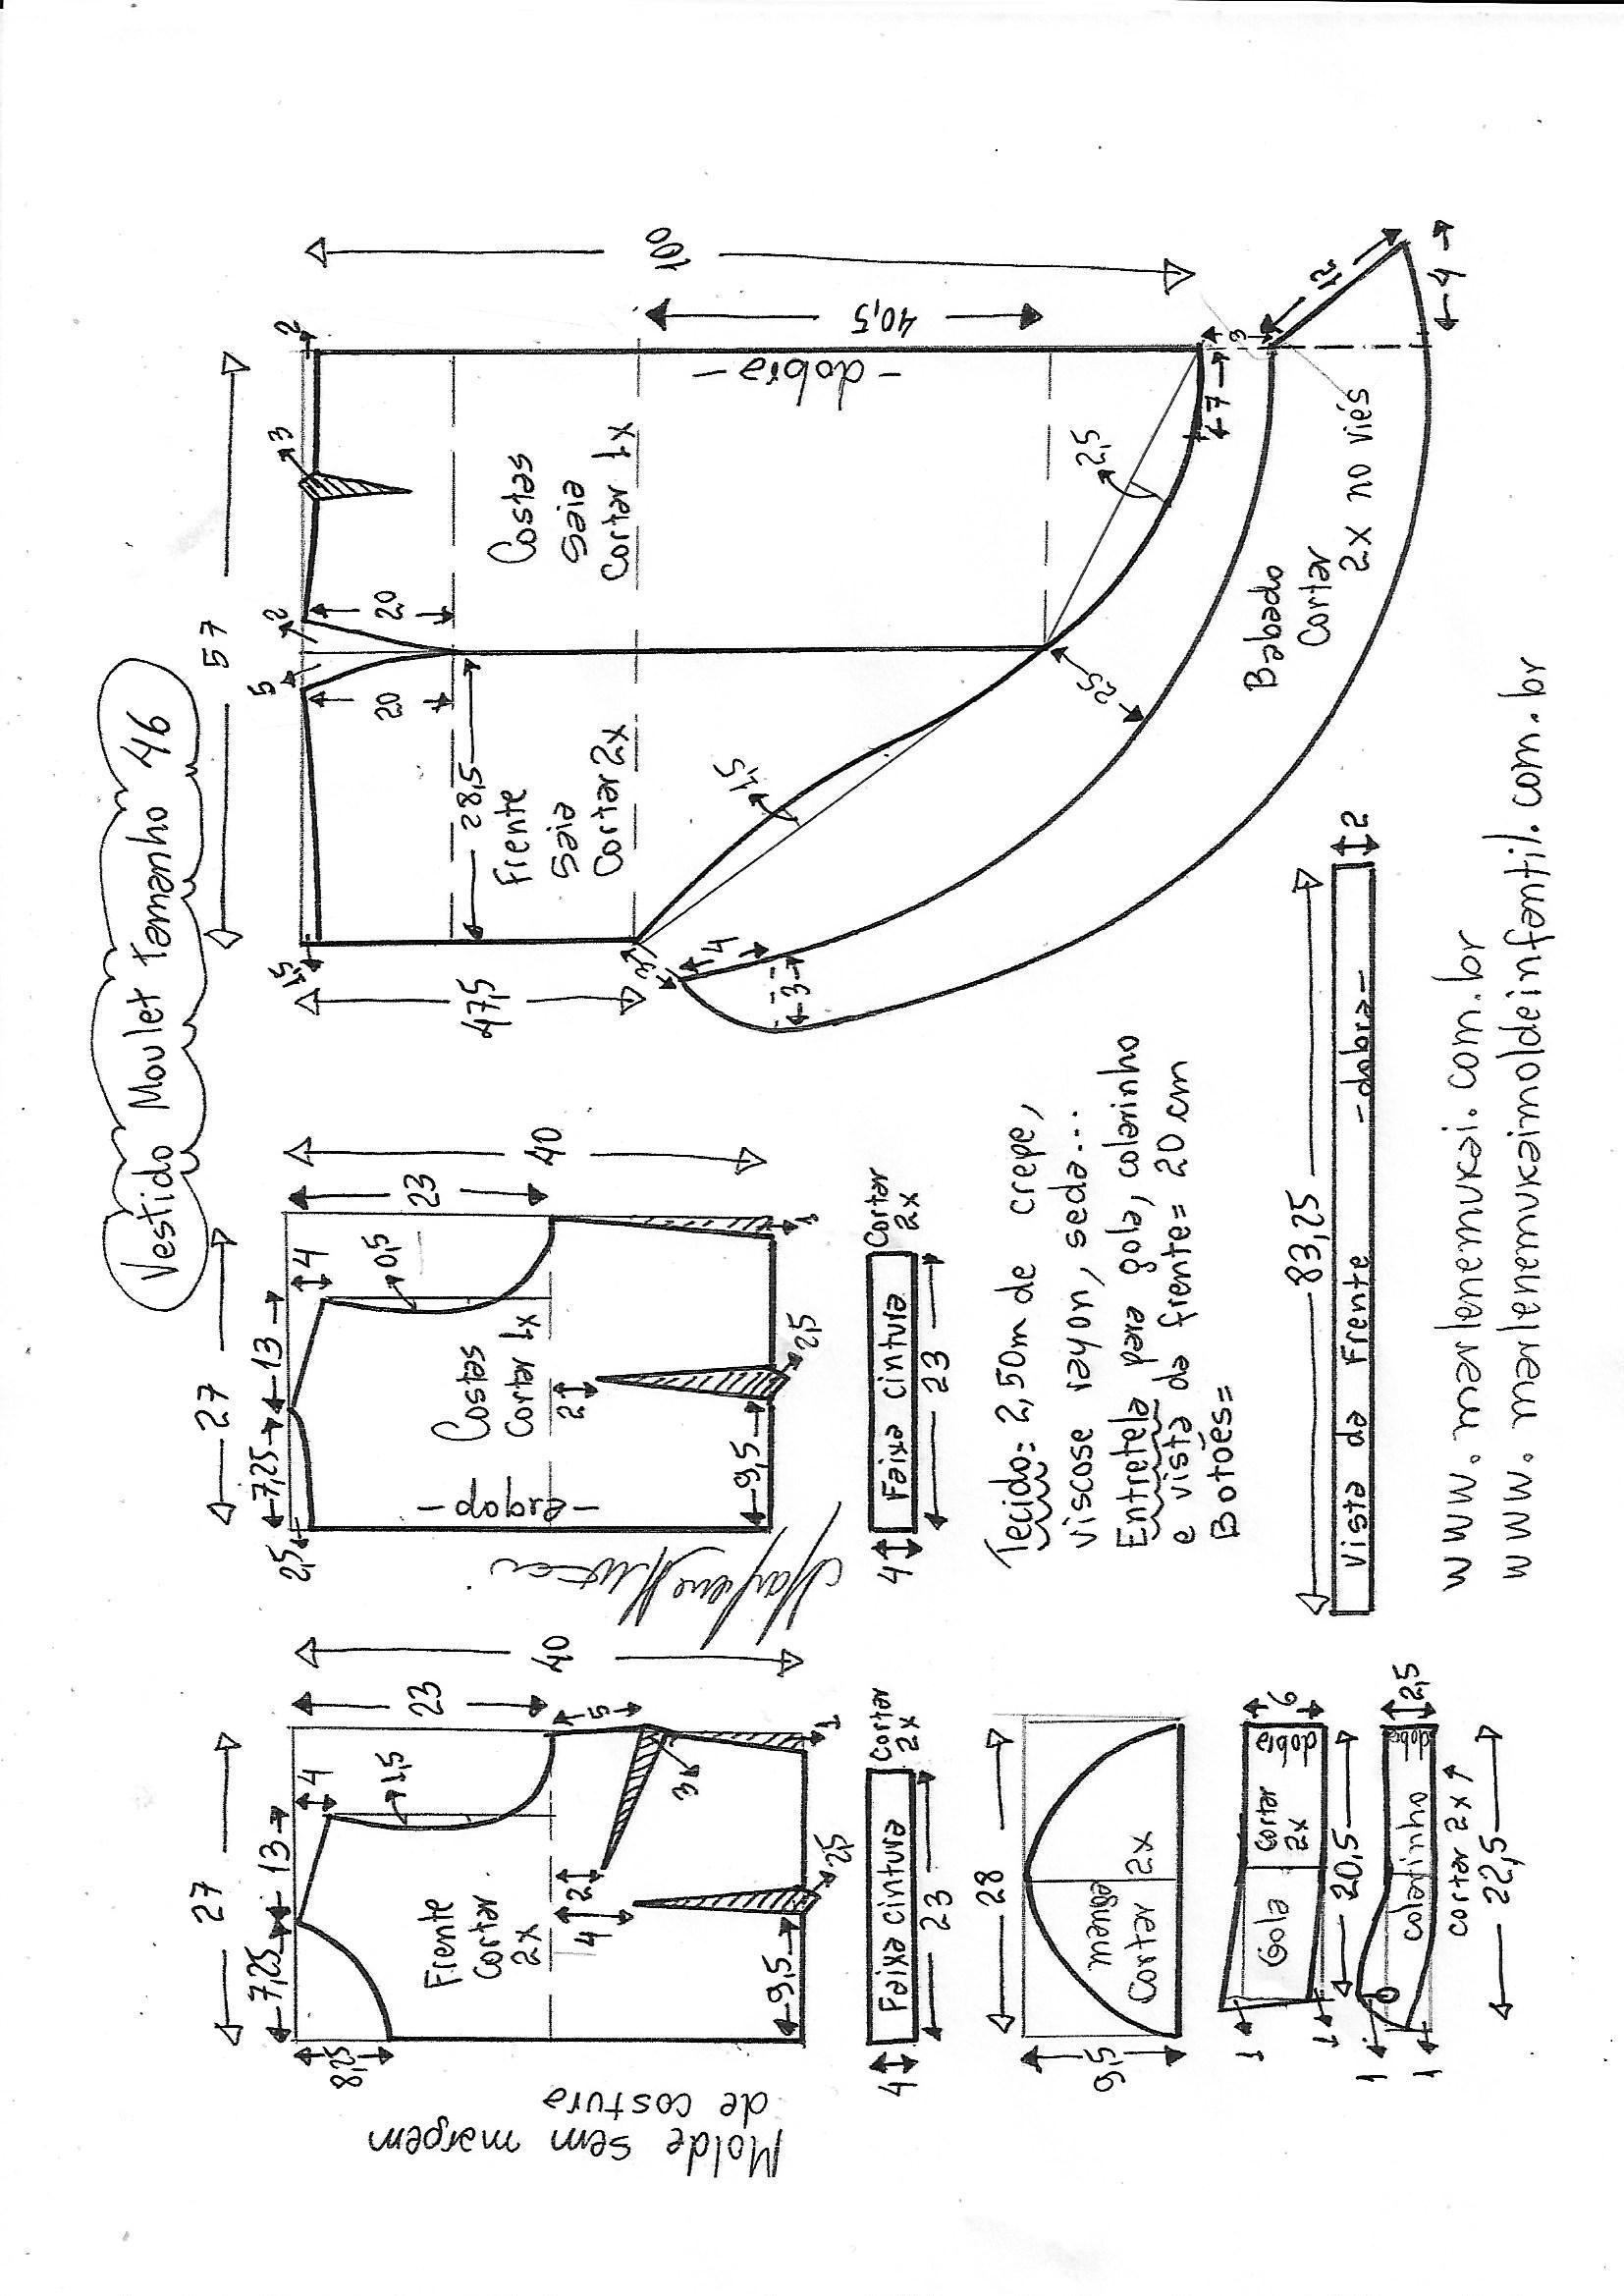 Pin de mary en Blusas bariadas   Pinterest   Costura, Vestidos y ...